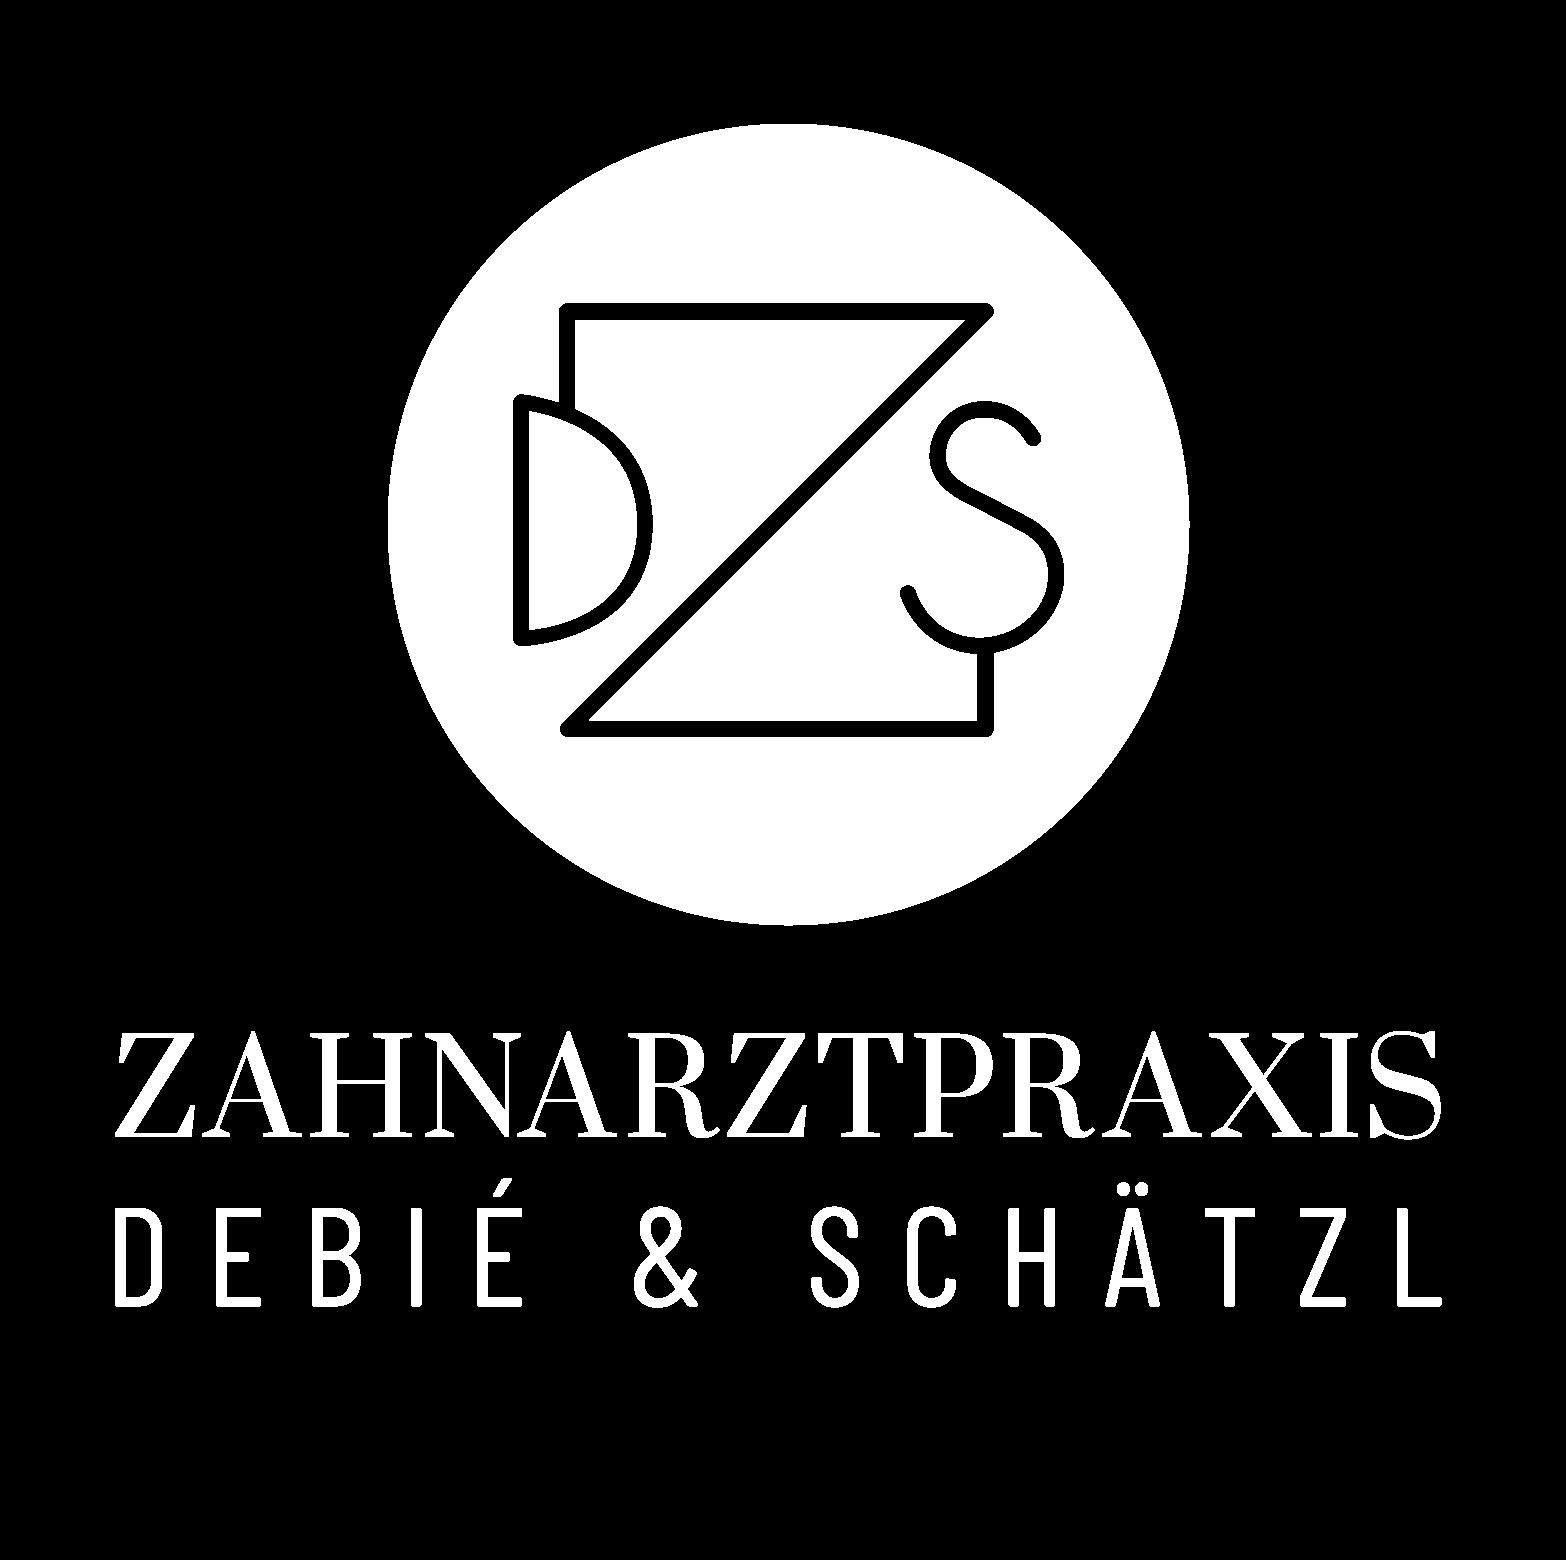 ZAHNARZTPRAXIS SABRINA DEBIÉ & STEFAN SCHÄTZL - Start